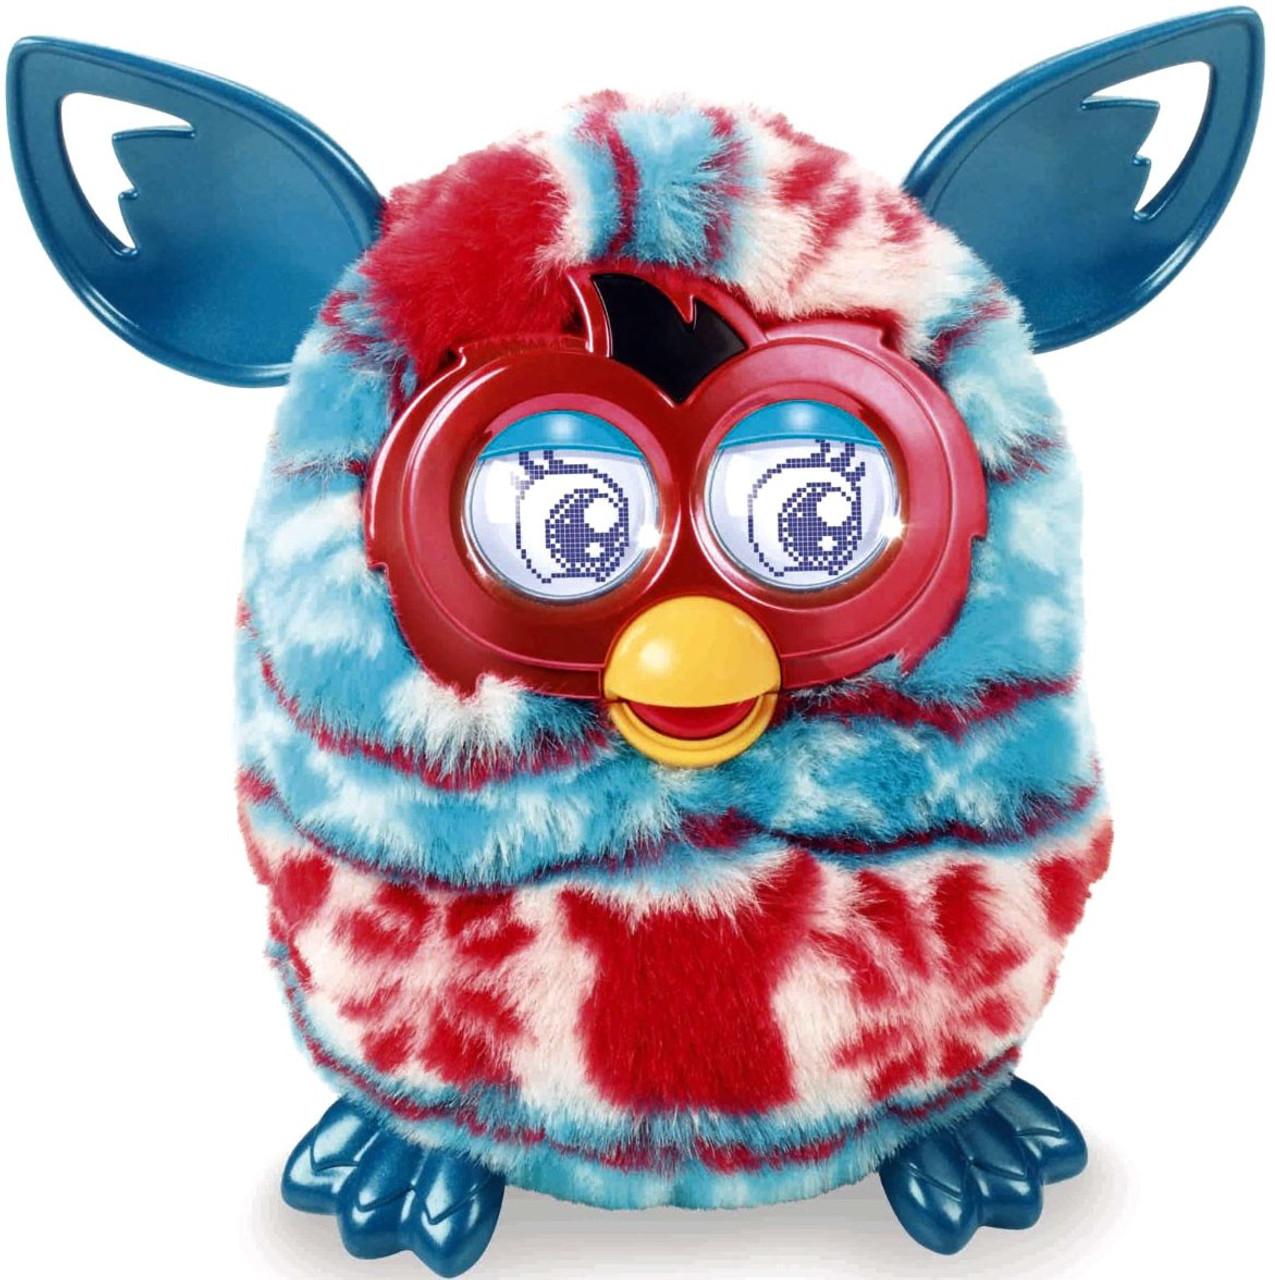 Roblox Furby Furby Boom Festive Sweater Edition Figure Hasbro Toys Toywiz